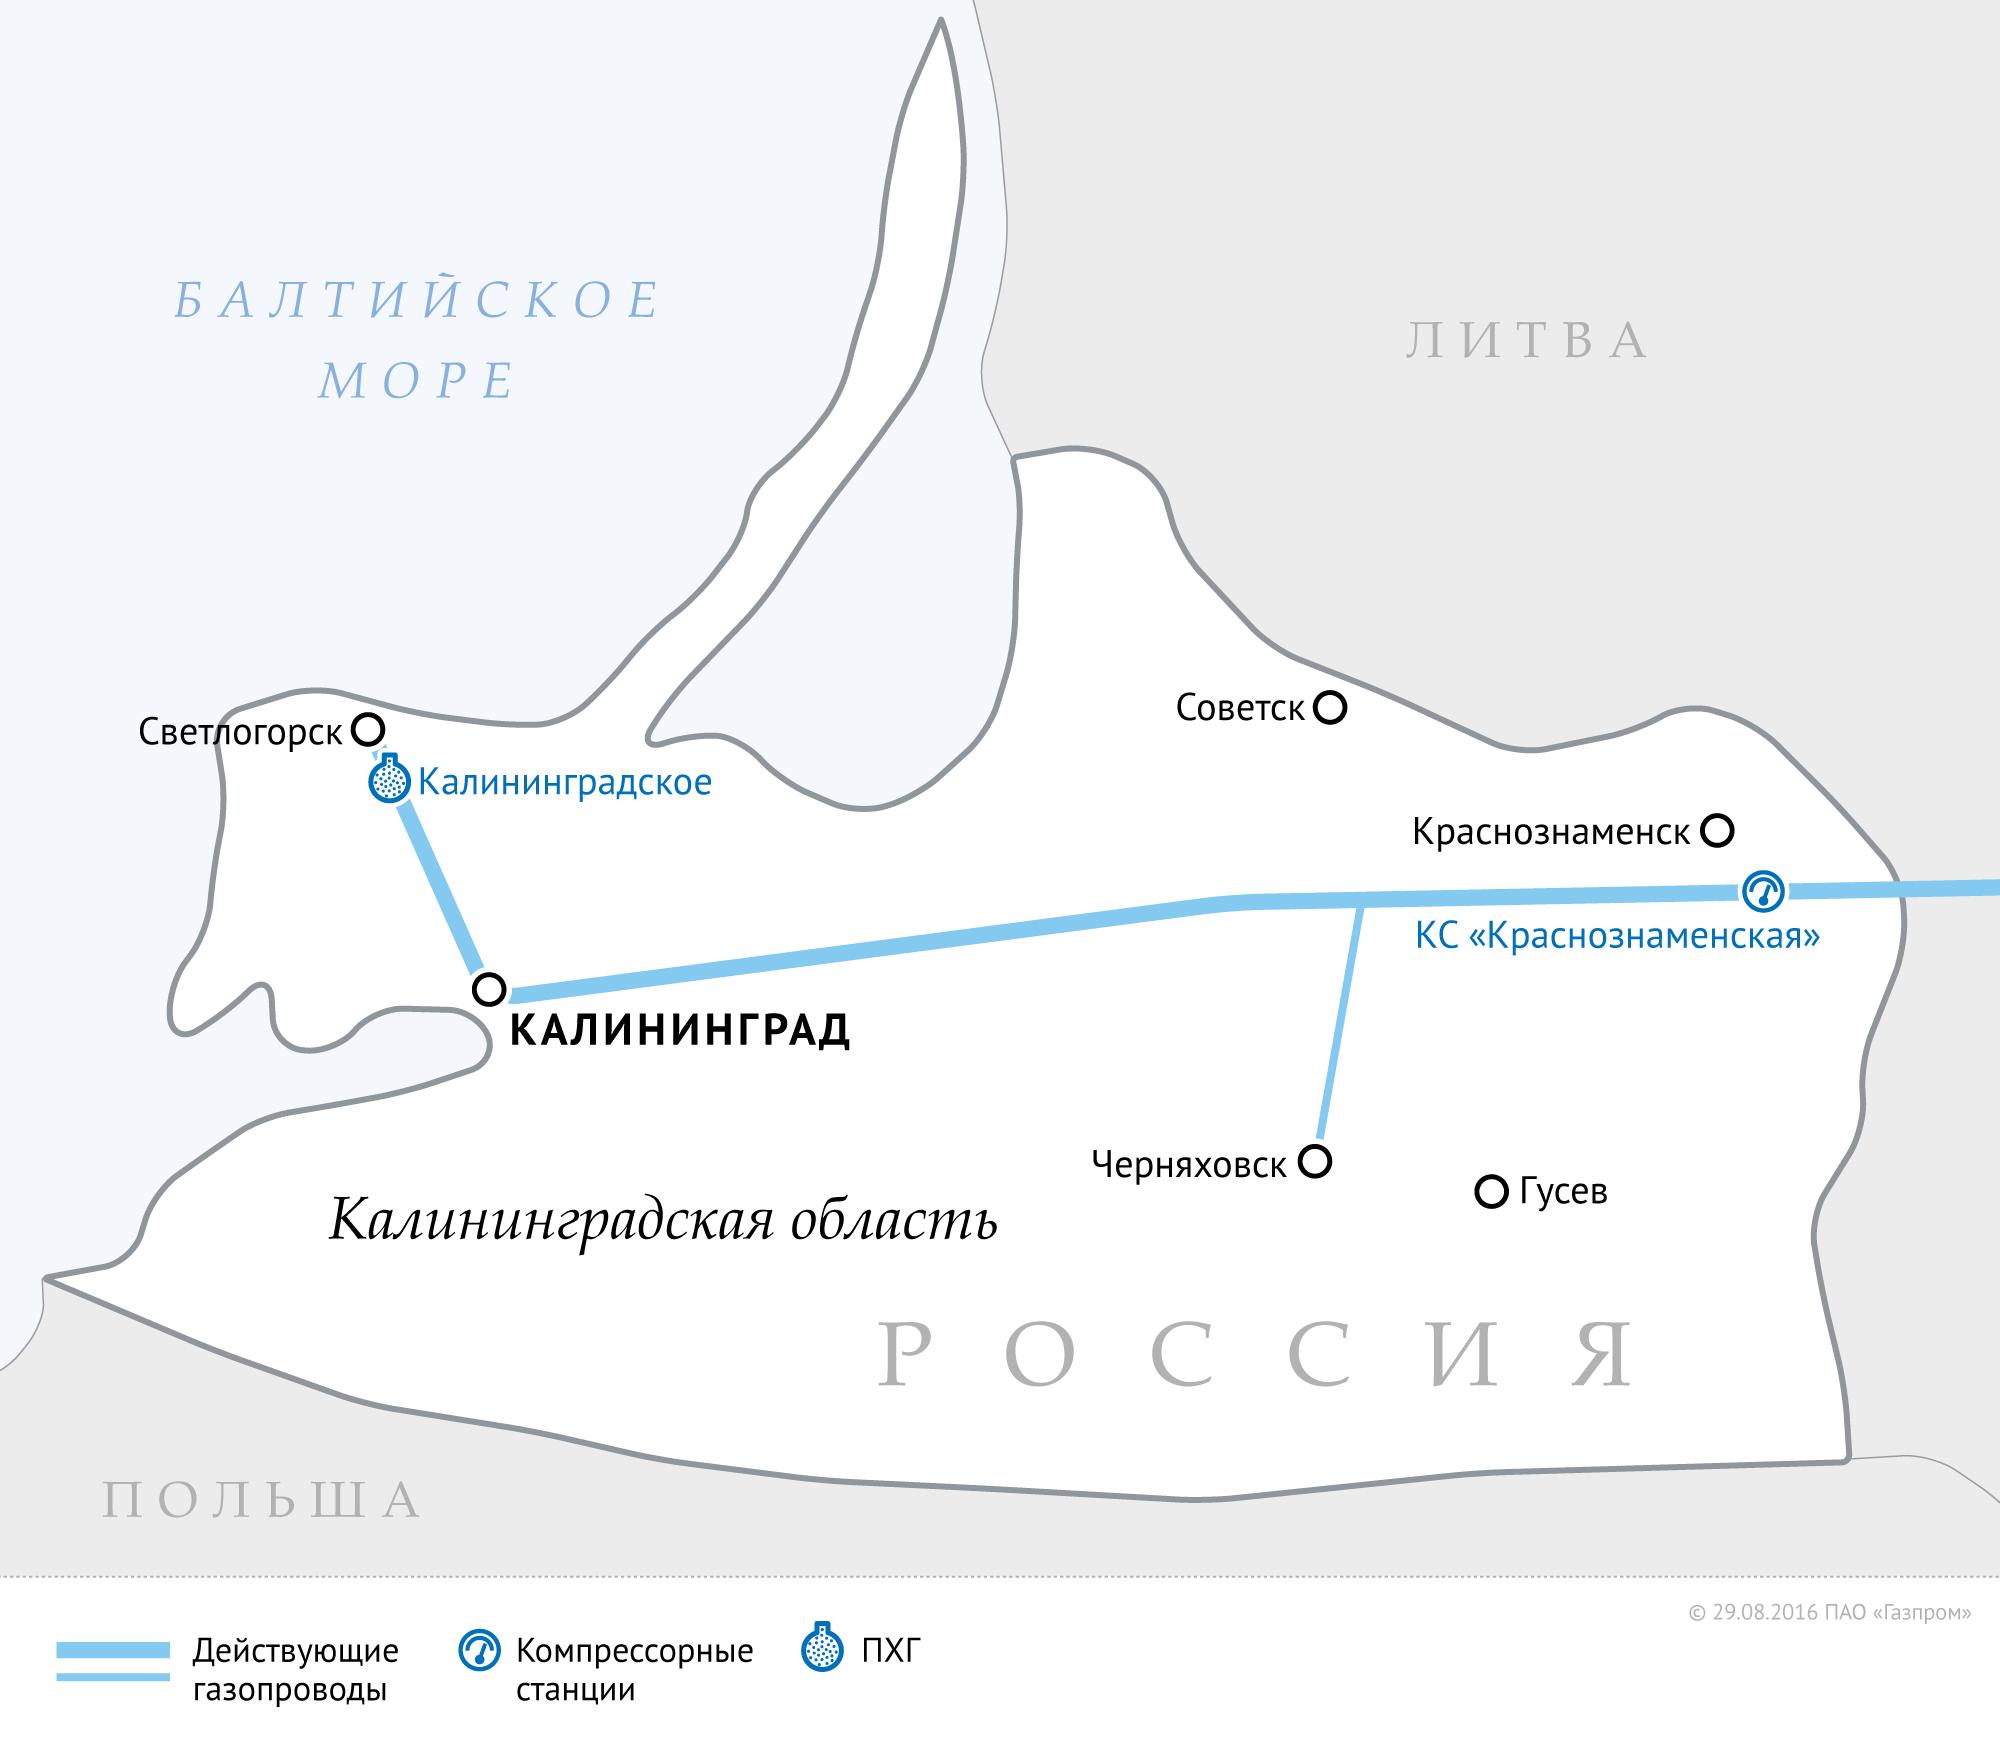 Газопровод-отвод от магистрального газопровода Минск-Калининград